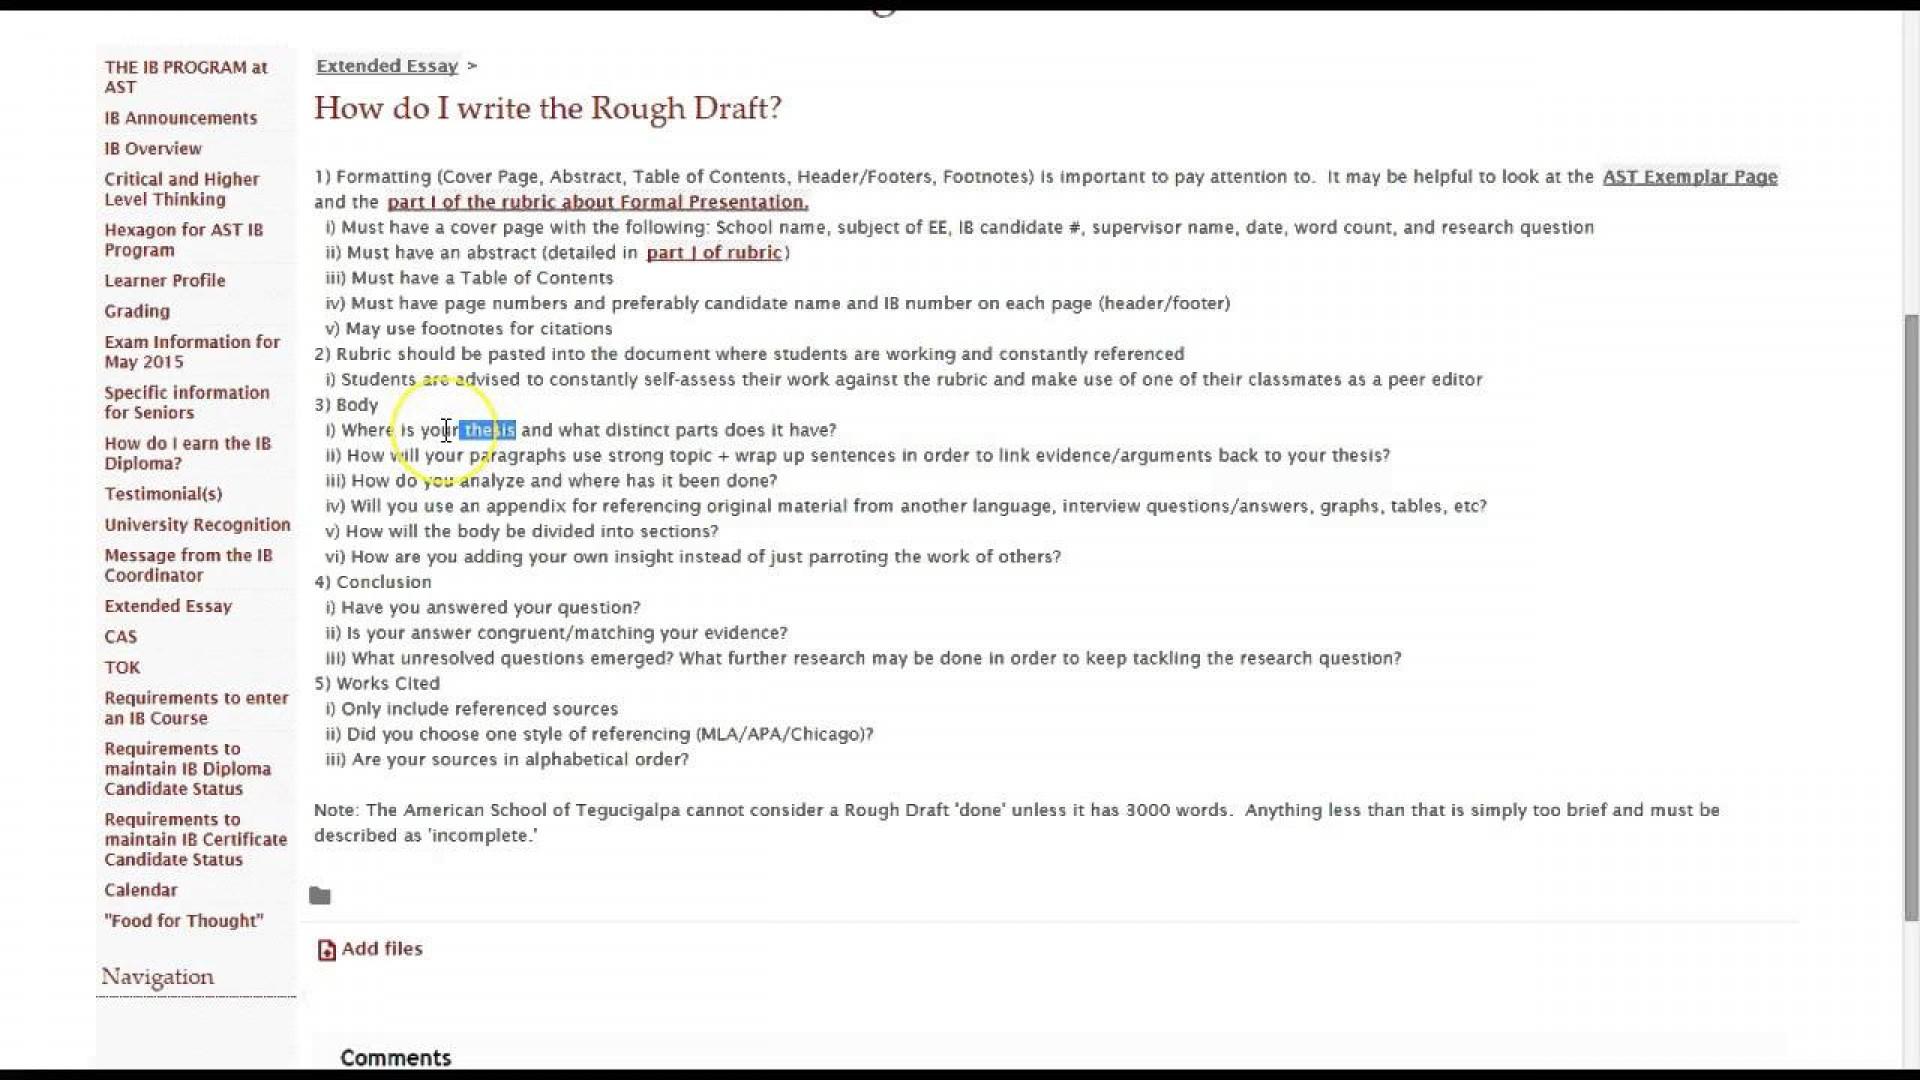 004 Maxresdefault Essay Example Ib Extended Impressive Topics Medical Medicine Questions History 1920